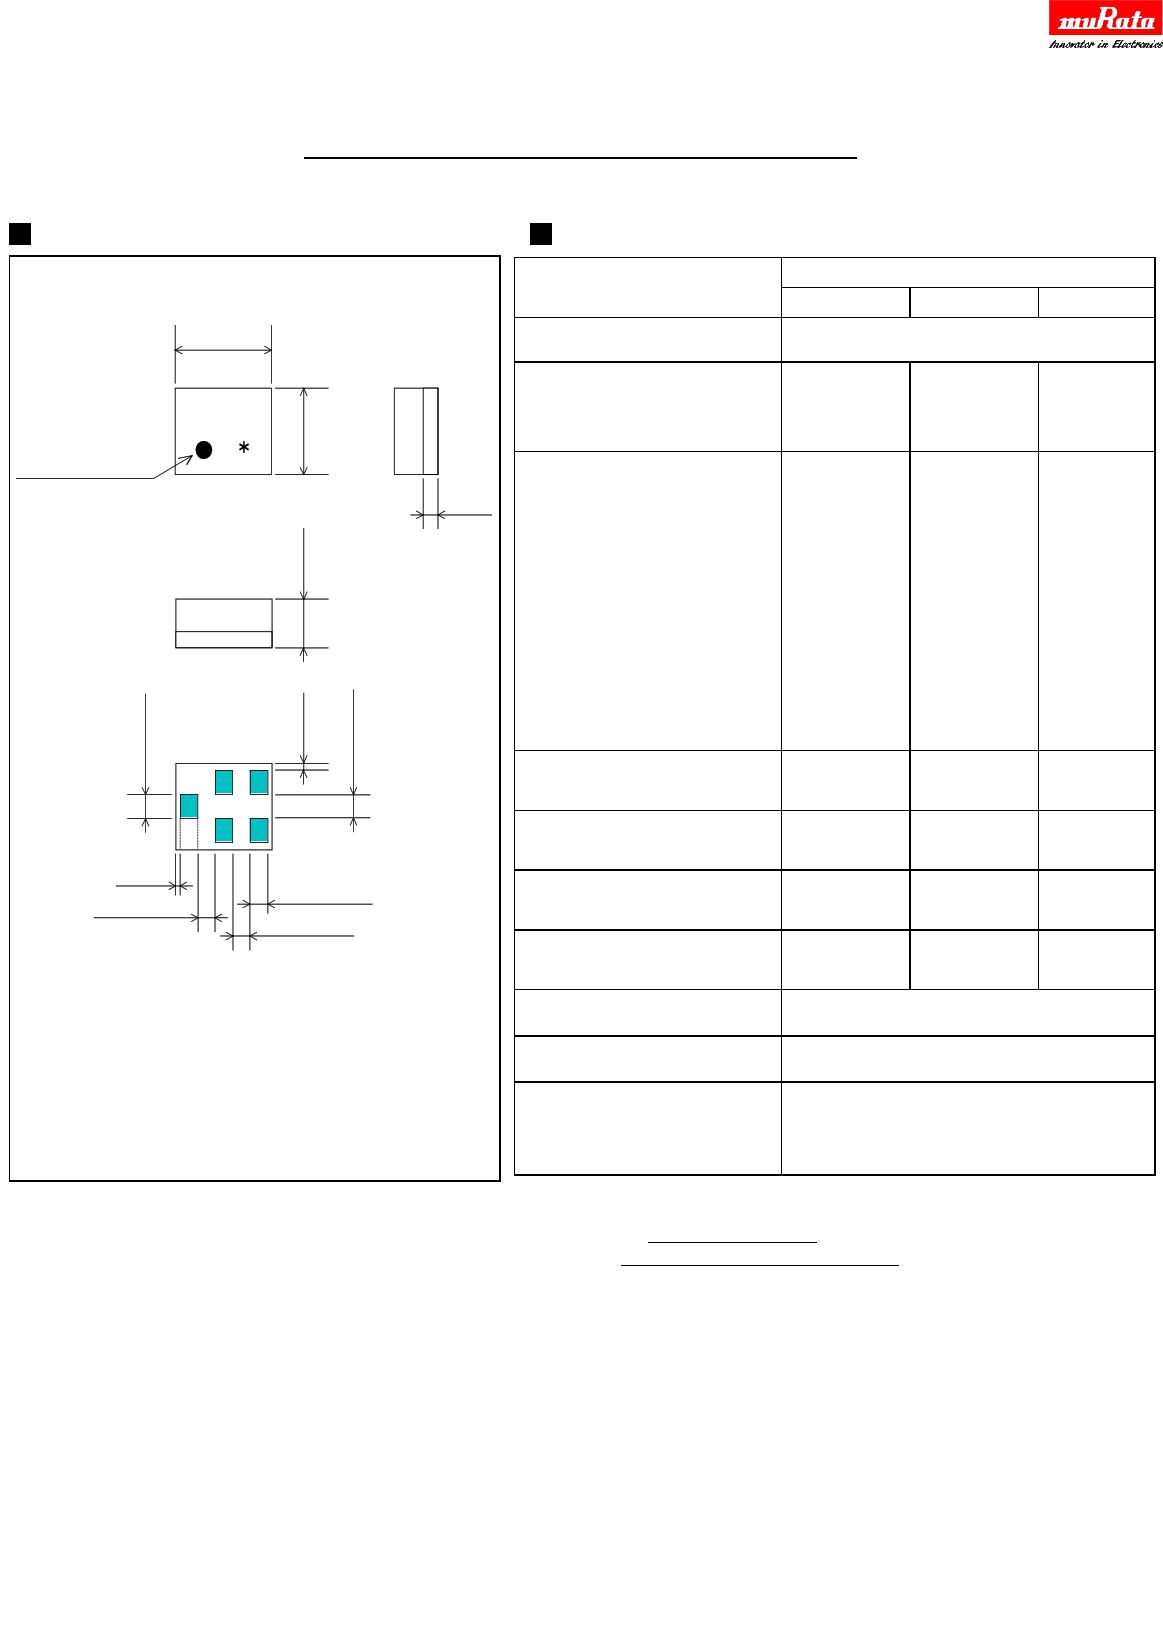 SAFFB1G96FN0F0A 데이터시트 및 SAFFB1G96FN0F0A PDF